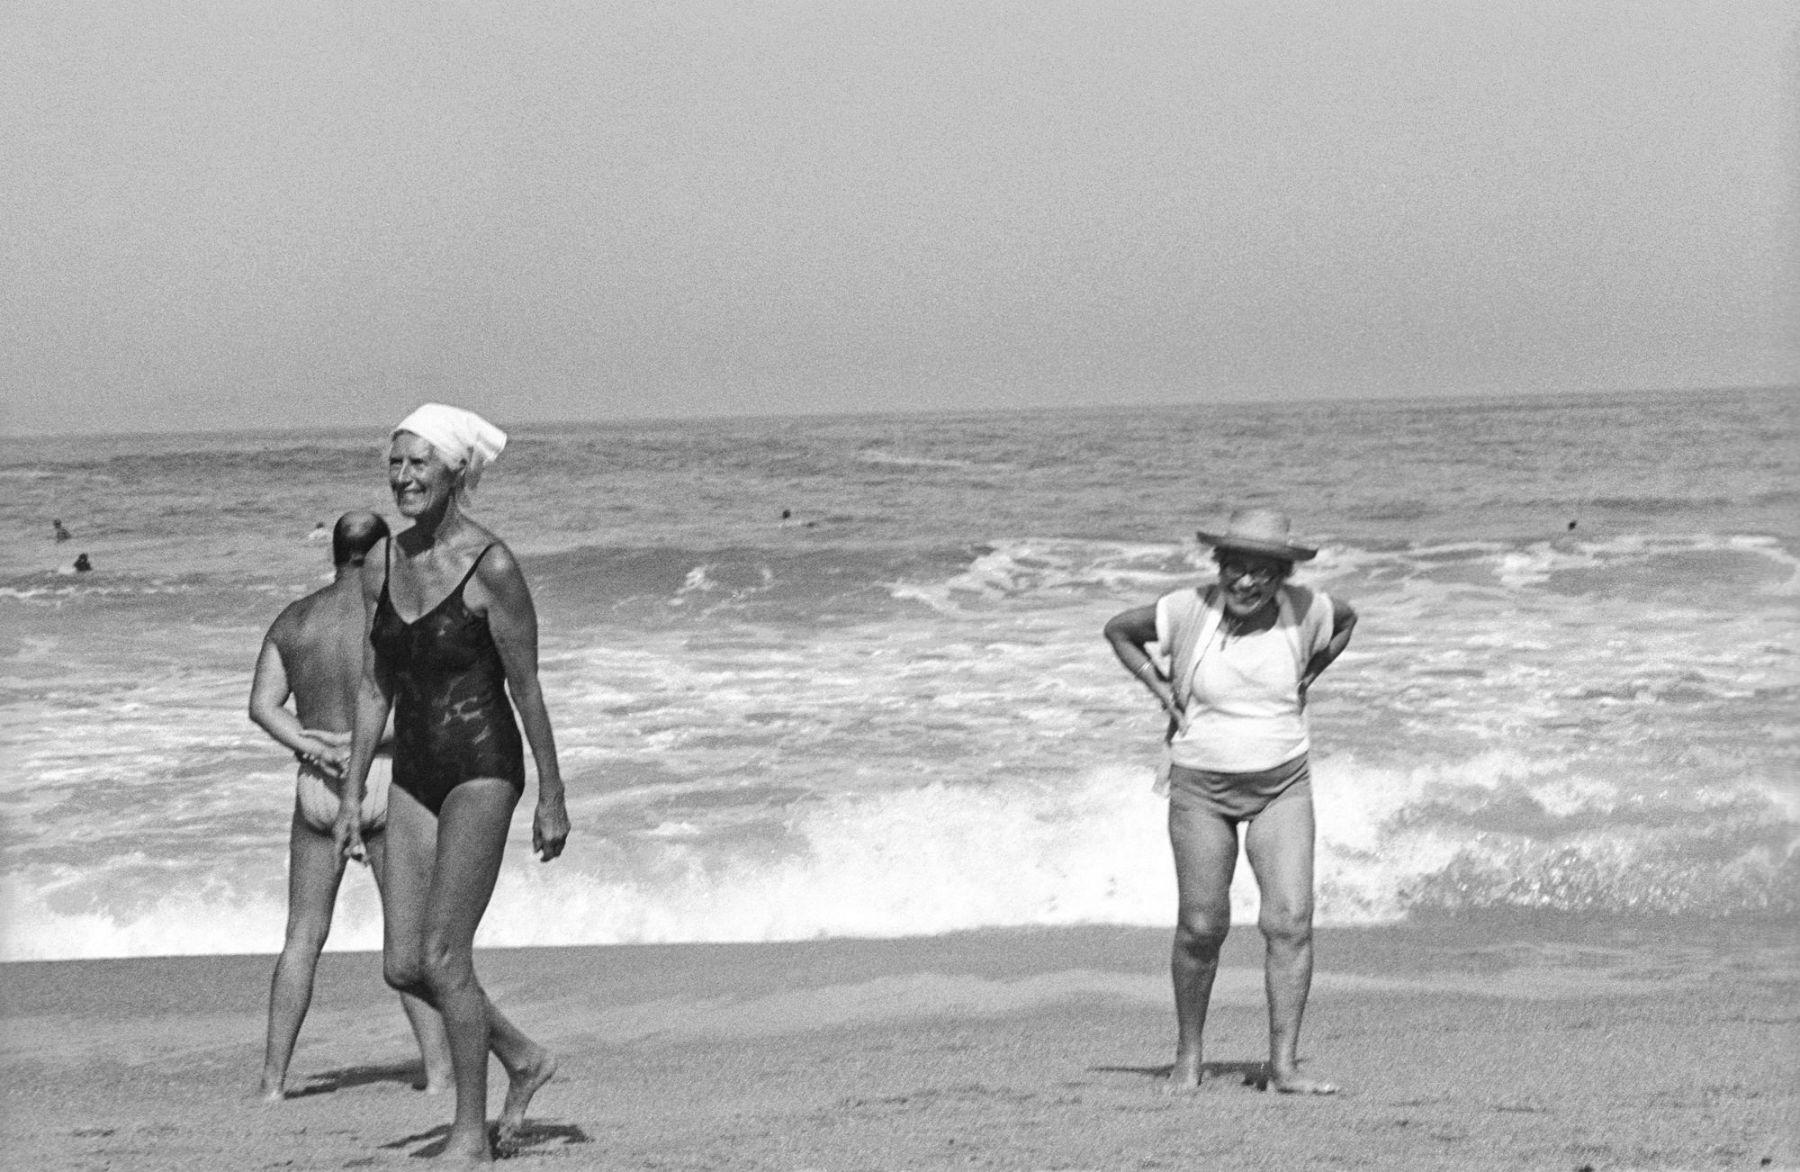 MichelAycaguer-Biarritz-GrandePlage-1988-PointFixe-Leica-22